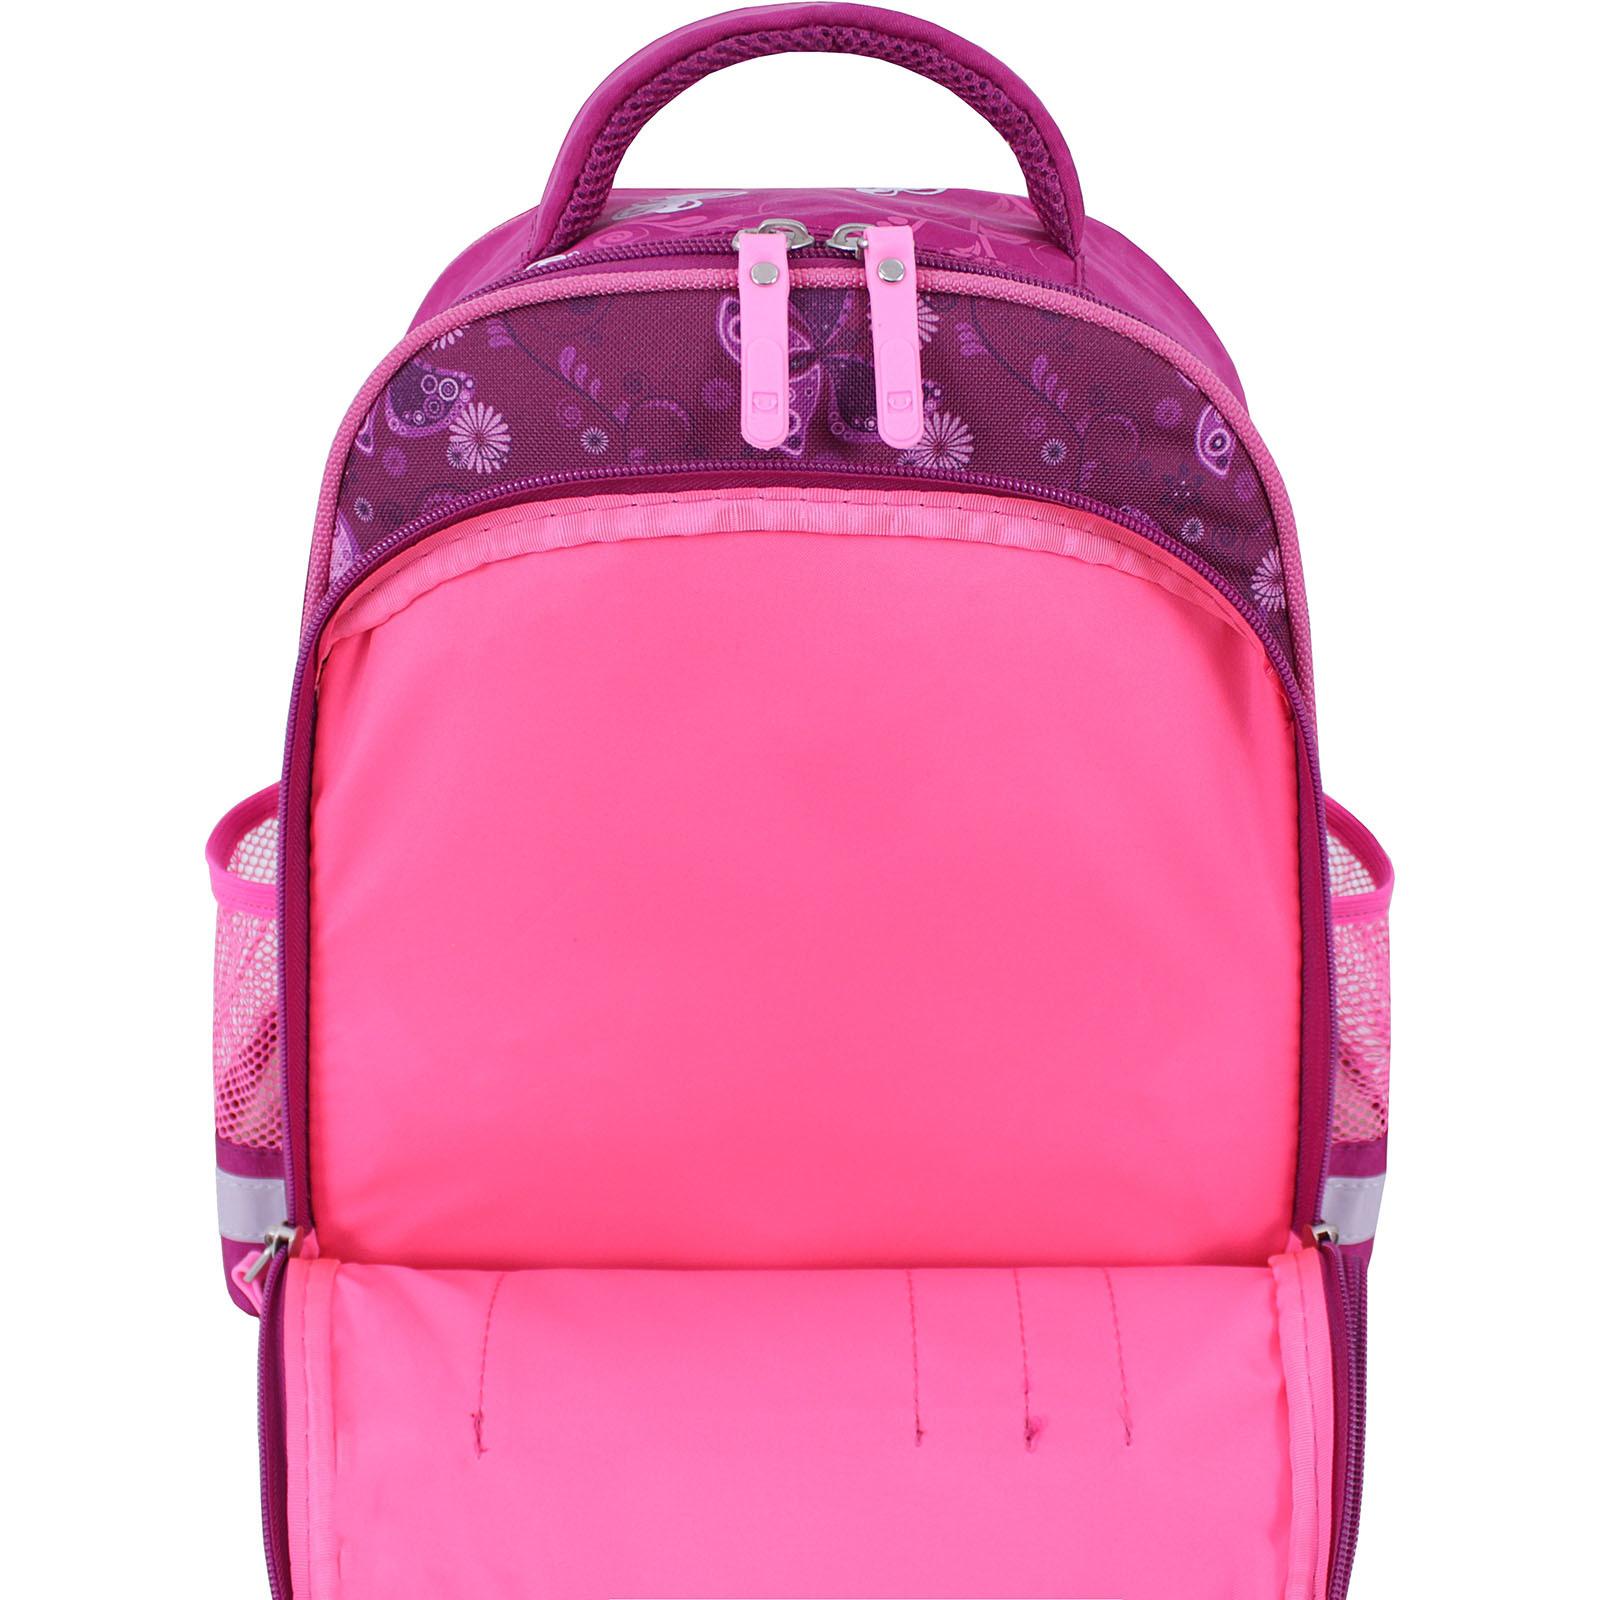 Рюкзак школьный Bagland Mouse 143 малиновый 615 (0051370)  фото 4